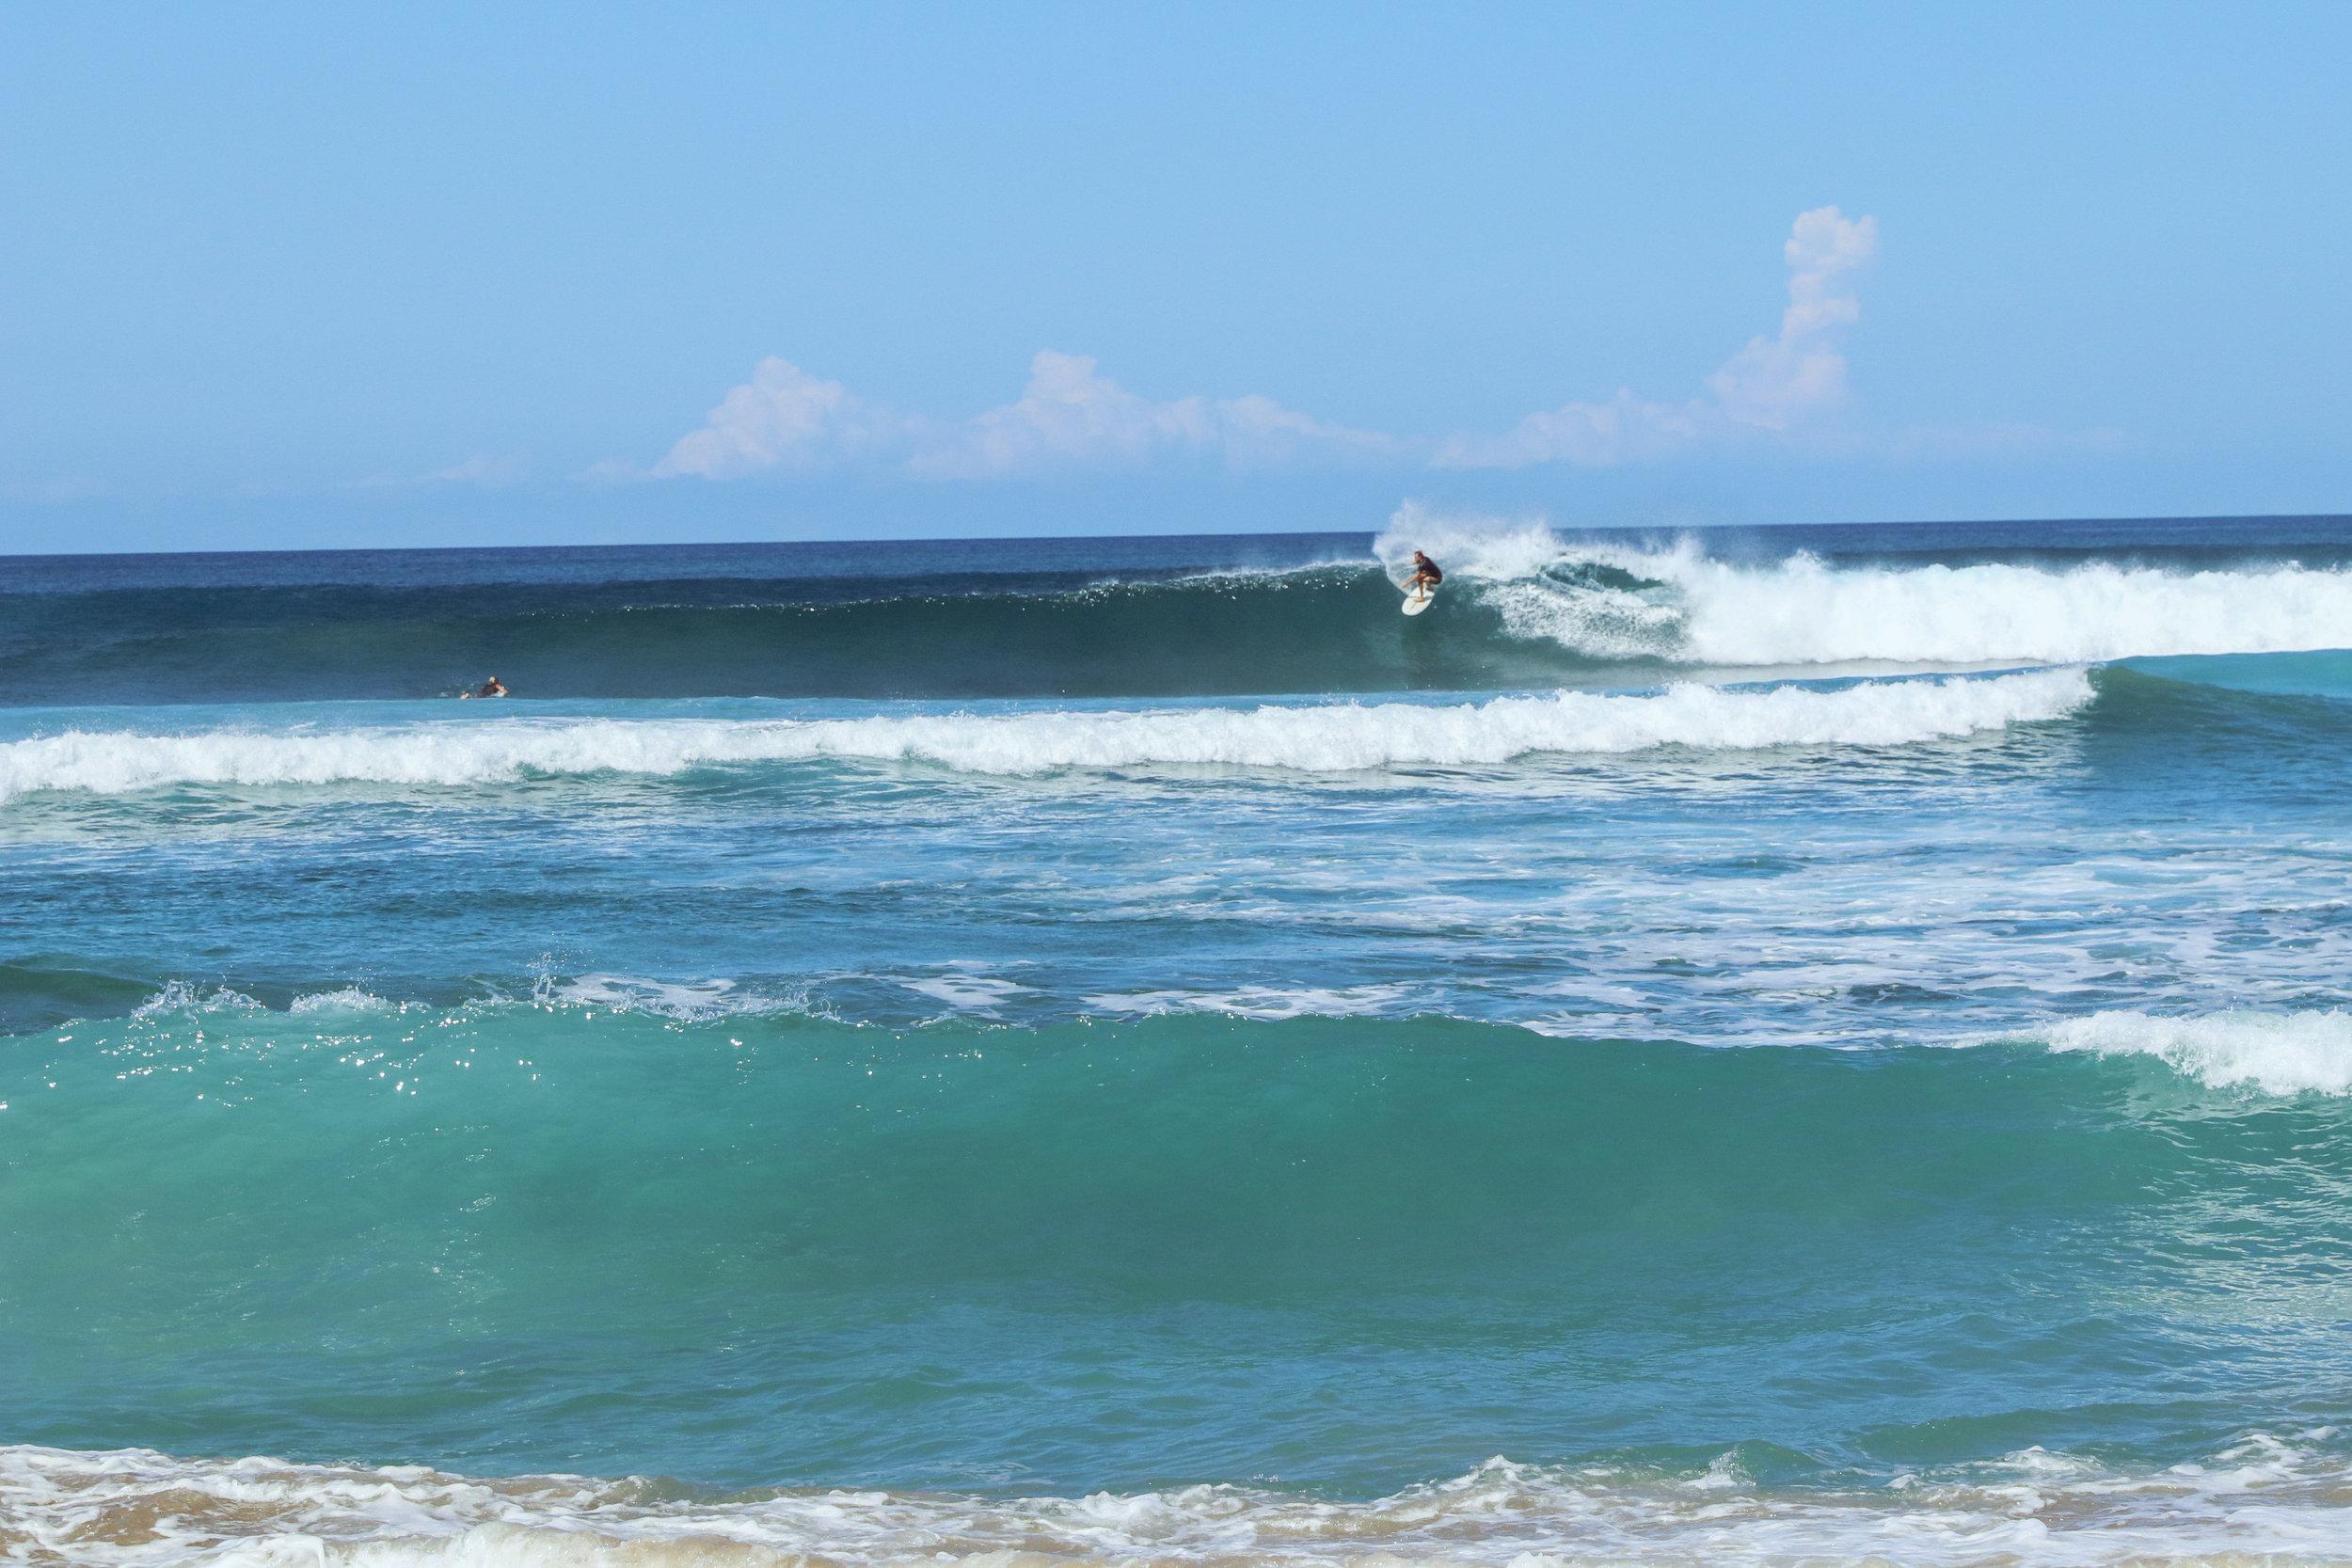 Playa Negra is always a welcome break from maxing beach break.